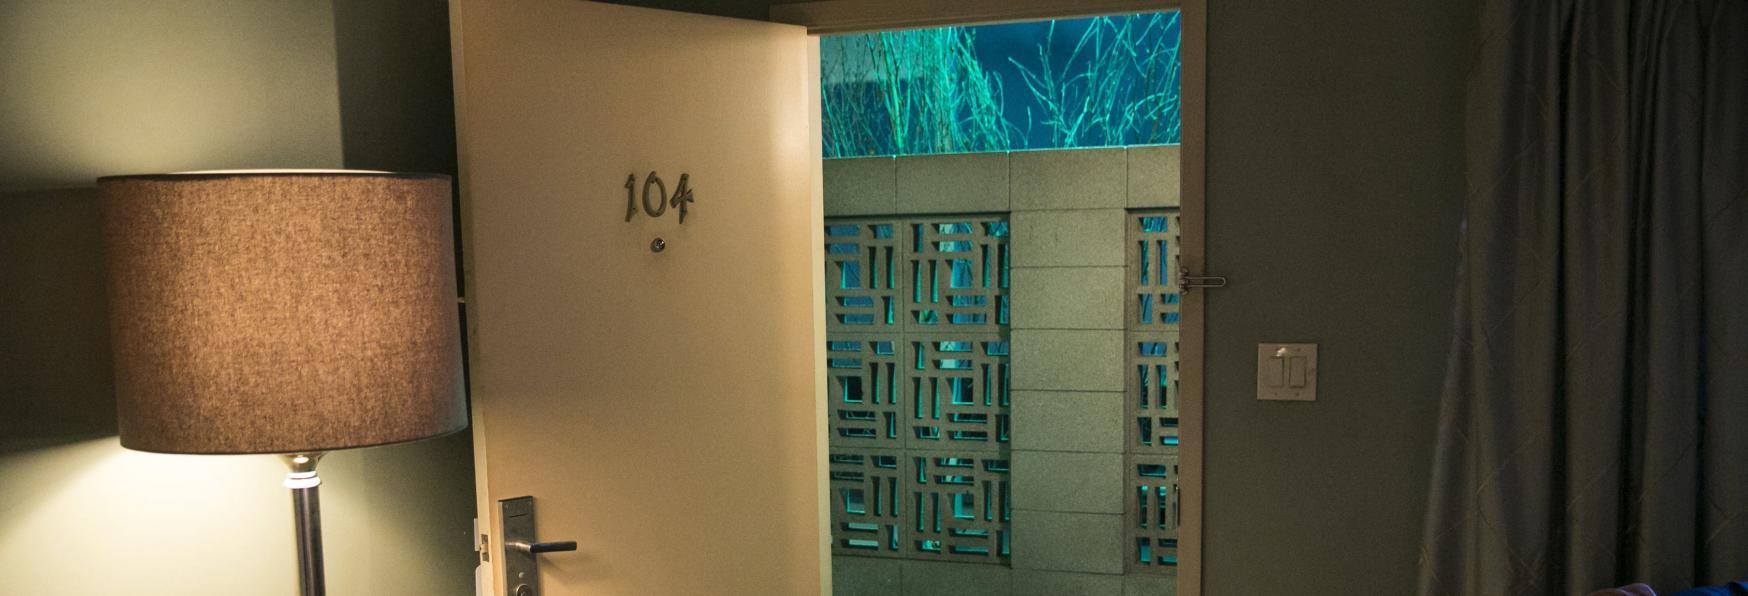 Room 104: la Serie TV di HBO si Concluderà con la 4° Stagione